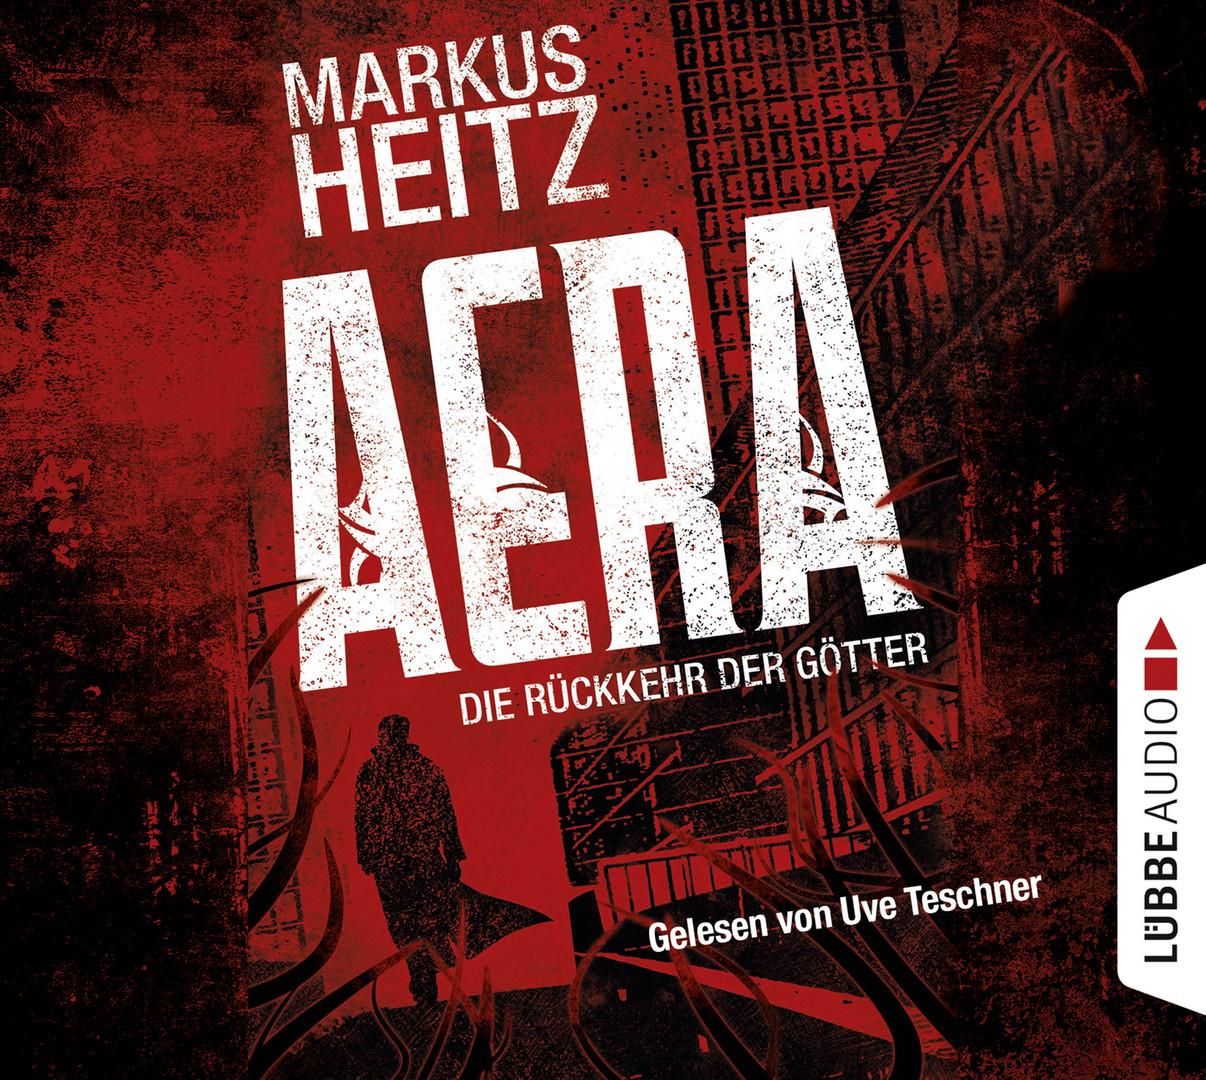 Markus Heitz - Aera - Die Rückkehr der Götter